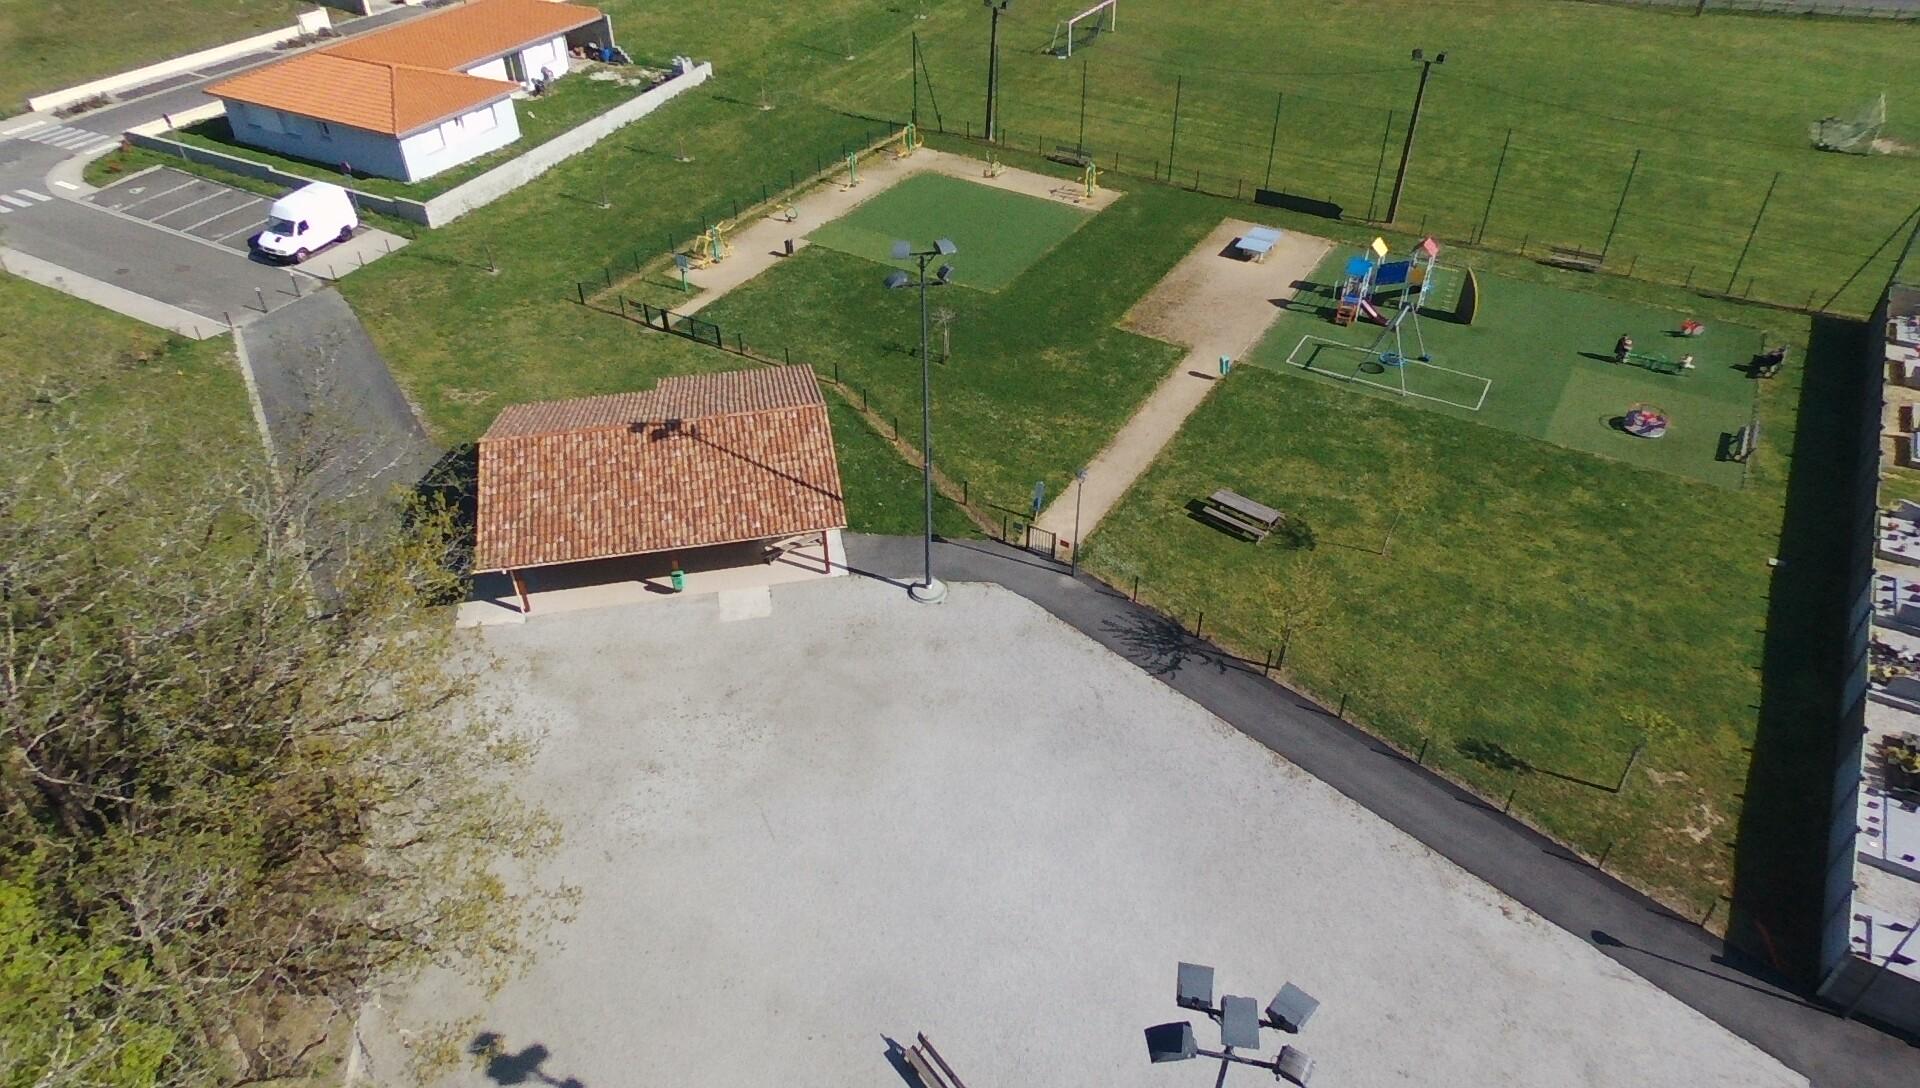 drone aire de jeux 2.jpg